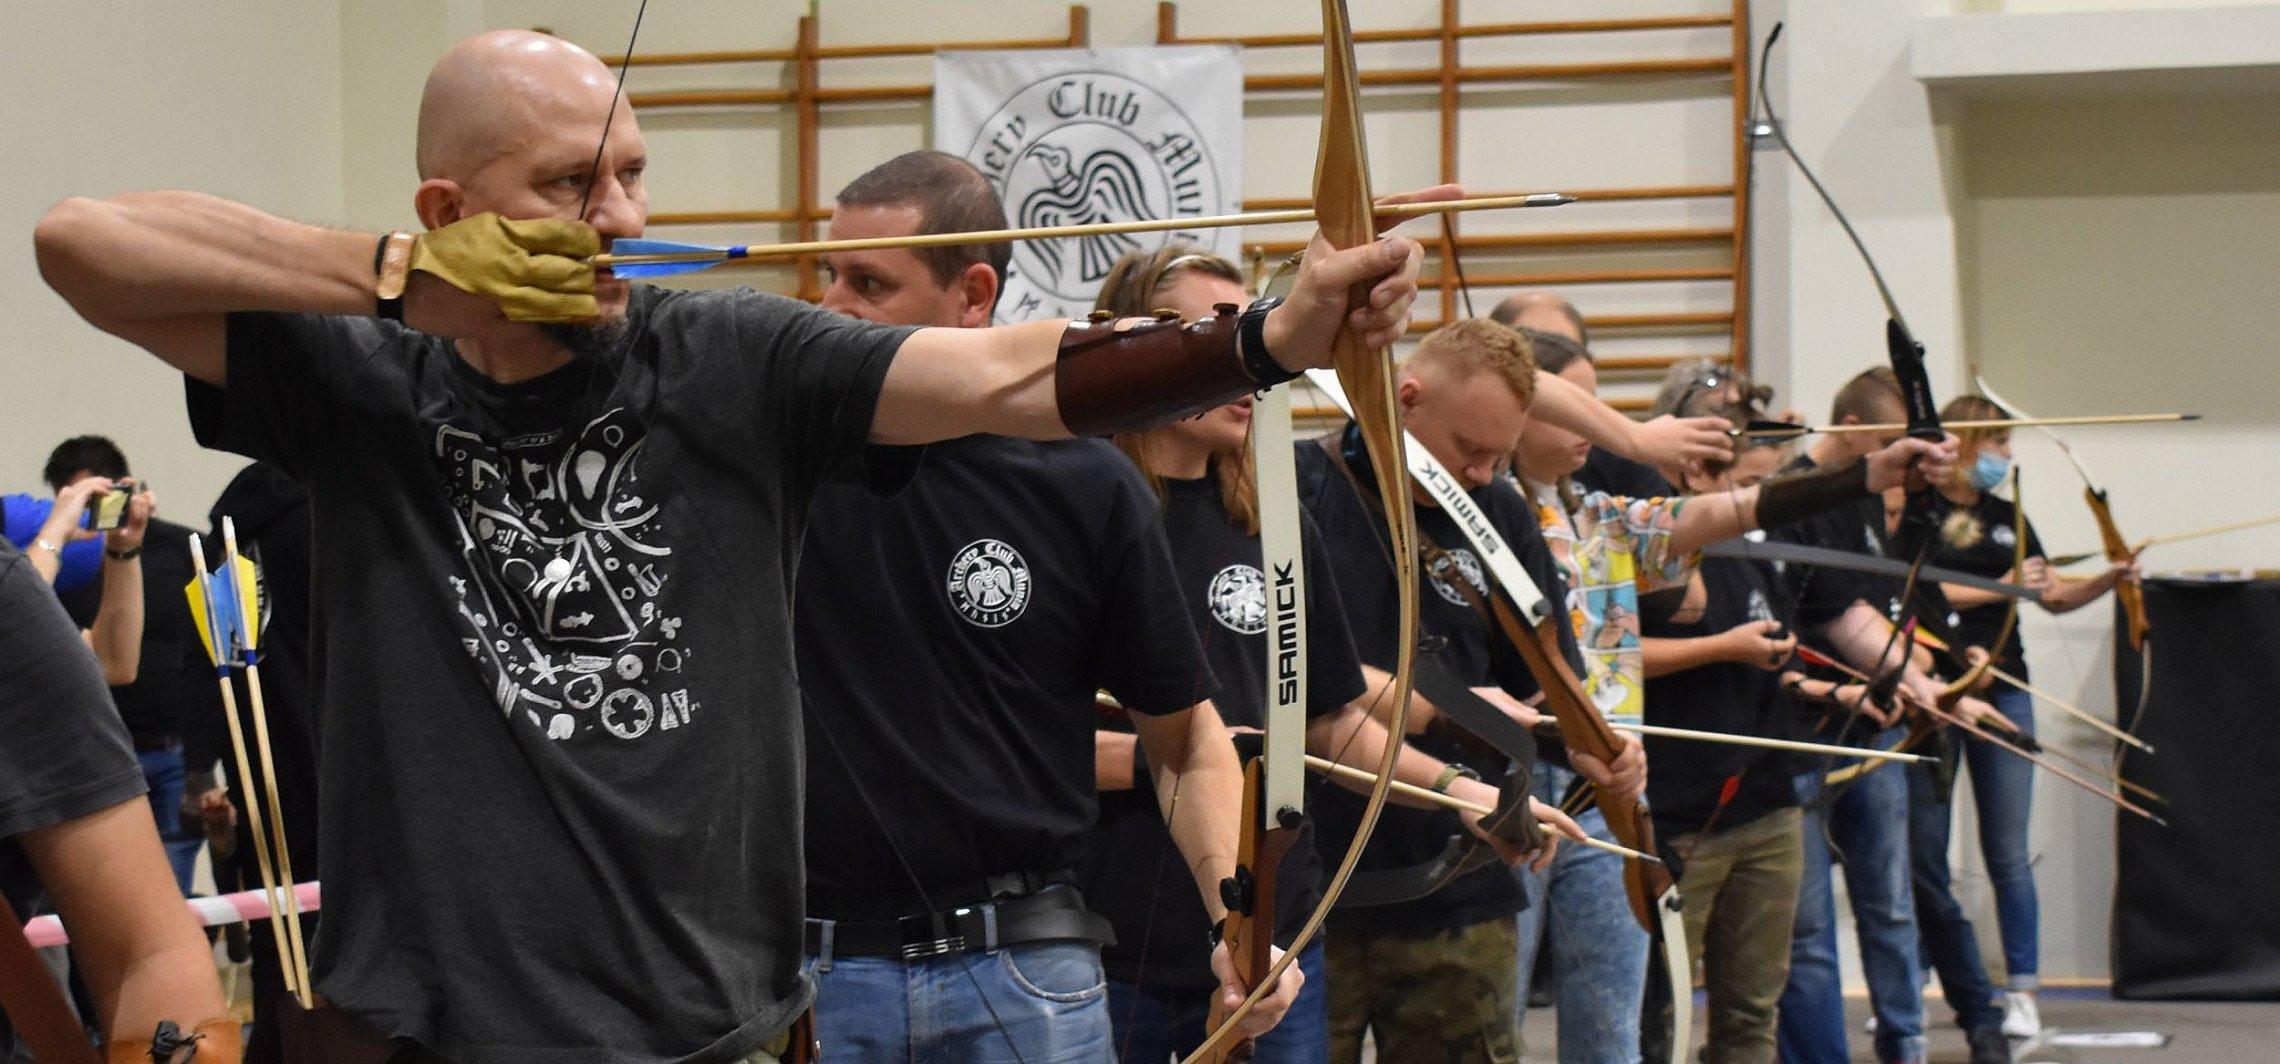 Inowrocław - Strzelali z łuku. To pierwszy taki turniej